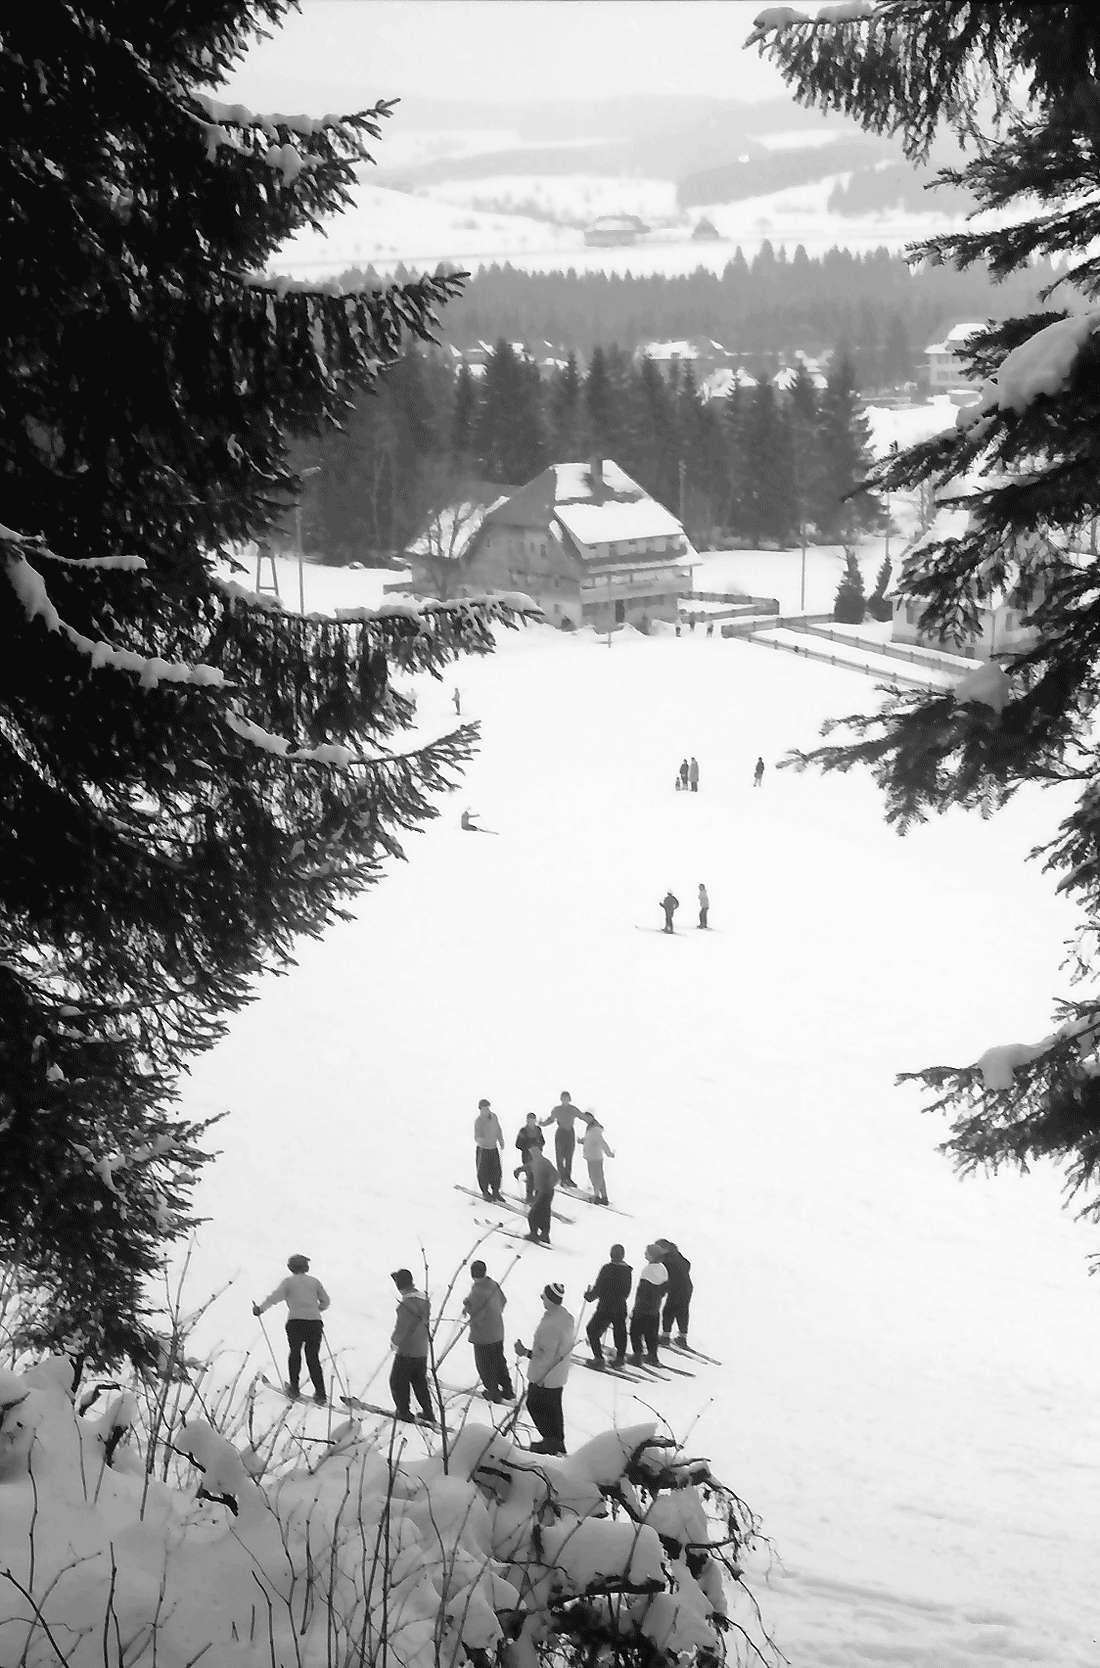 Hinterzarten: Skikurs; mit Blick auf den Ort, Bild 1